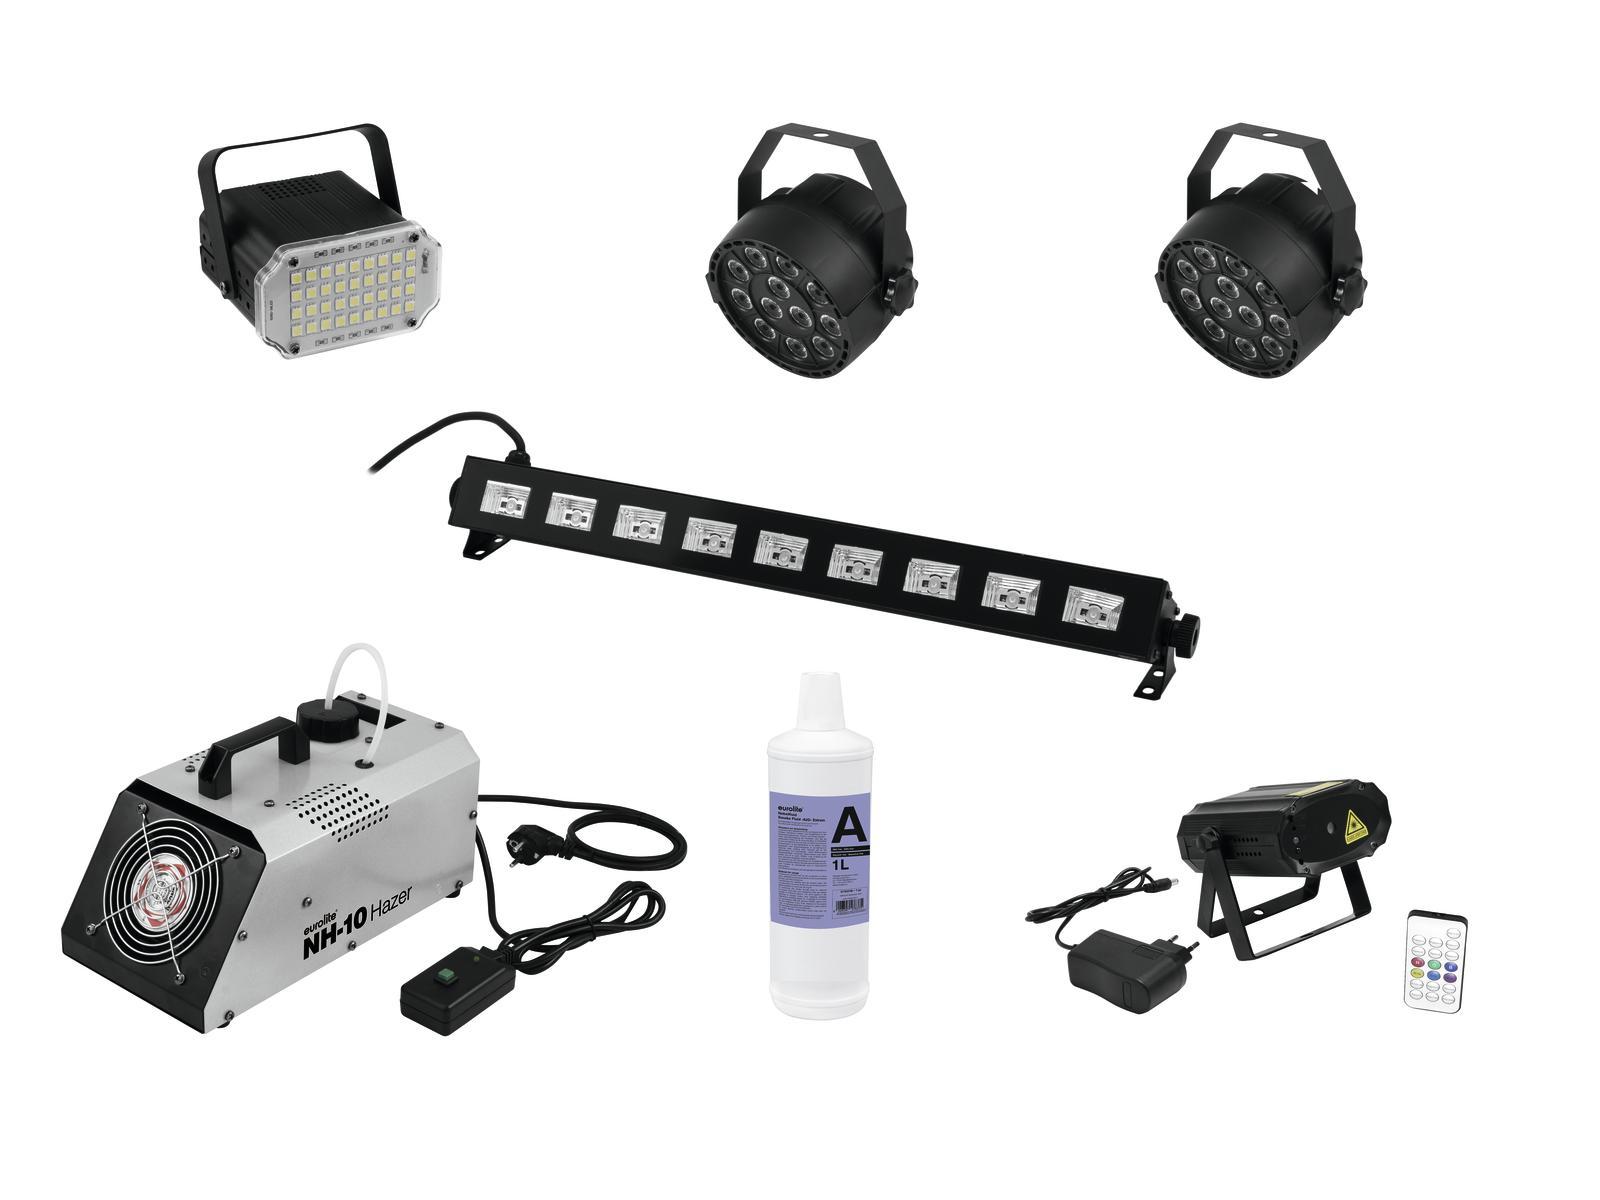 EUROLITE Set LAS-15 + Party UV Bar-9 + 2x LED PARty Spot + Party